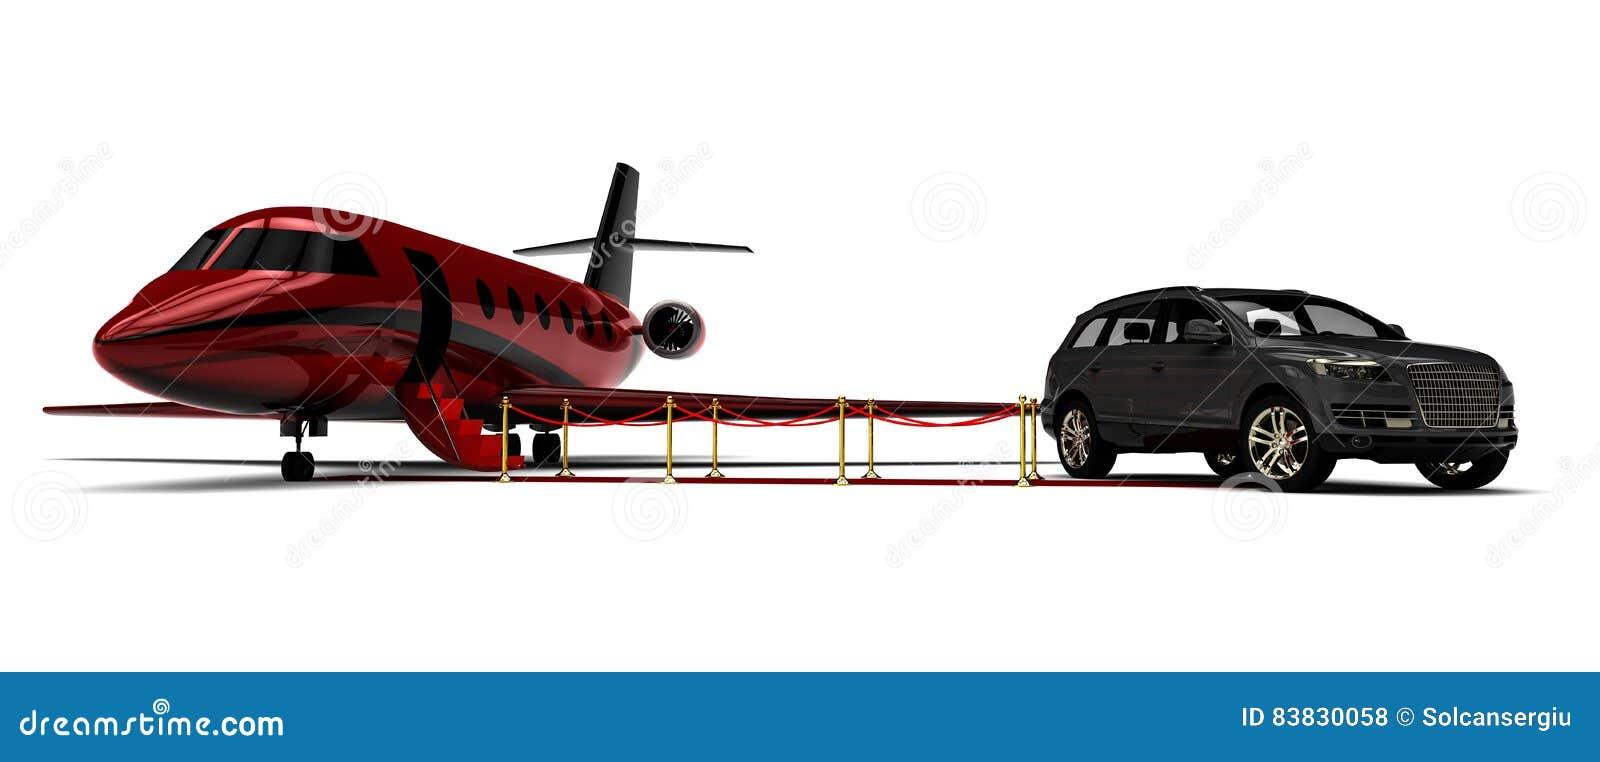 Jet privé avec une limousine de SUV